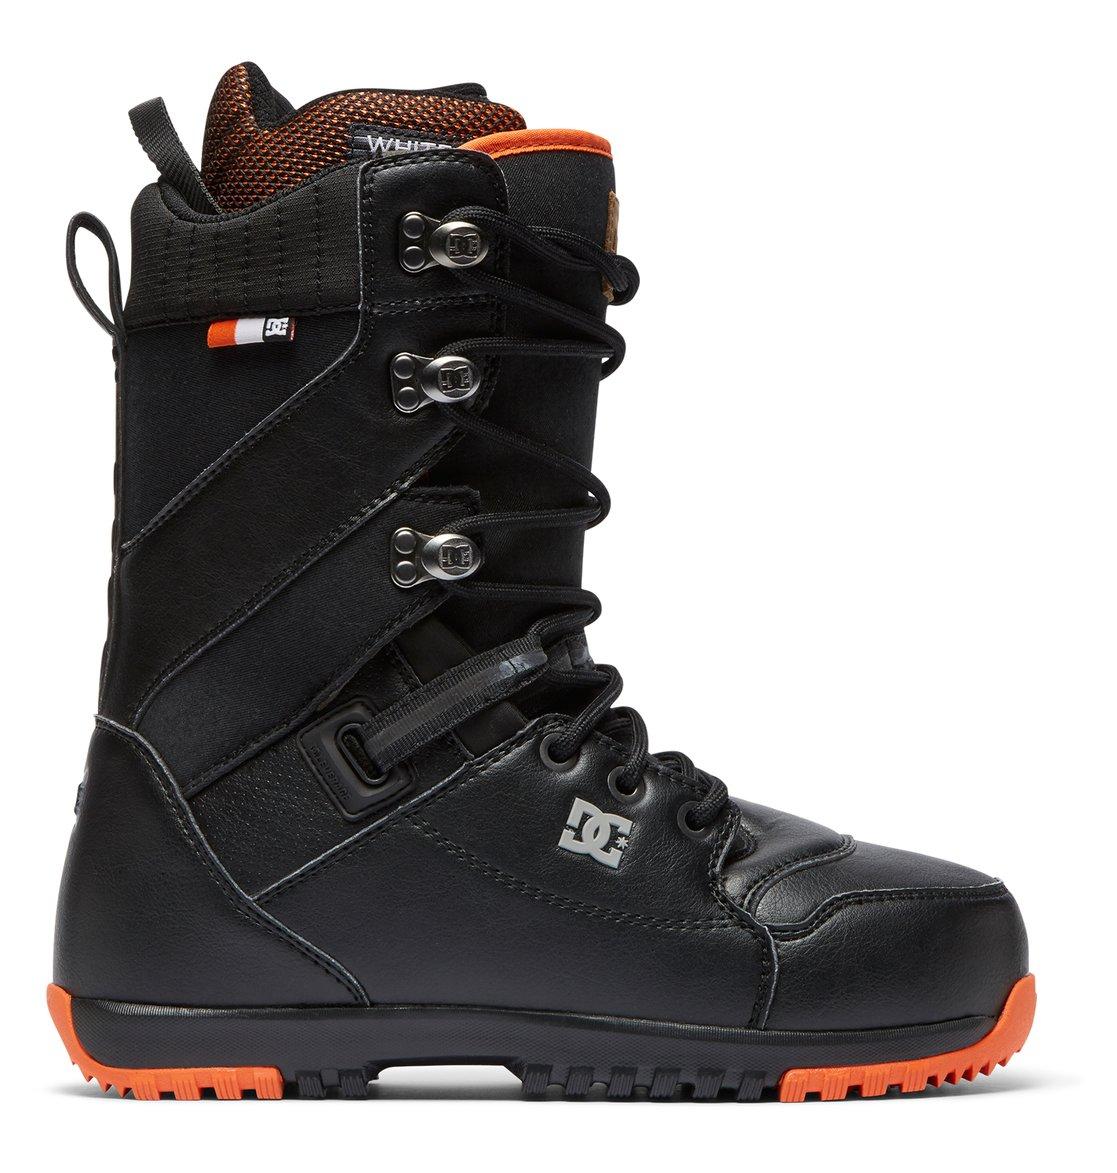 Mutiny Schnürbare Snowboard Boots Für Männer Adyo200037 Dc Shoes